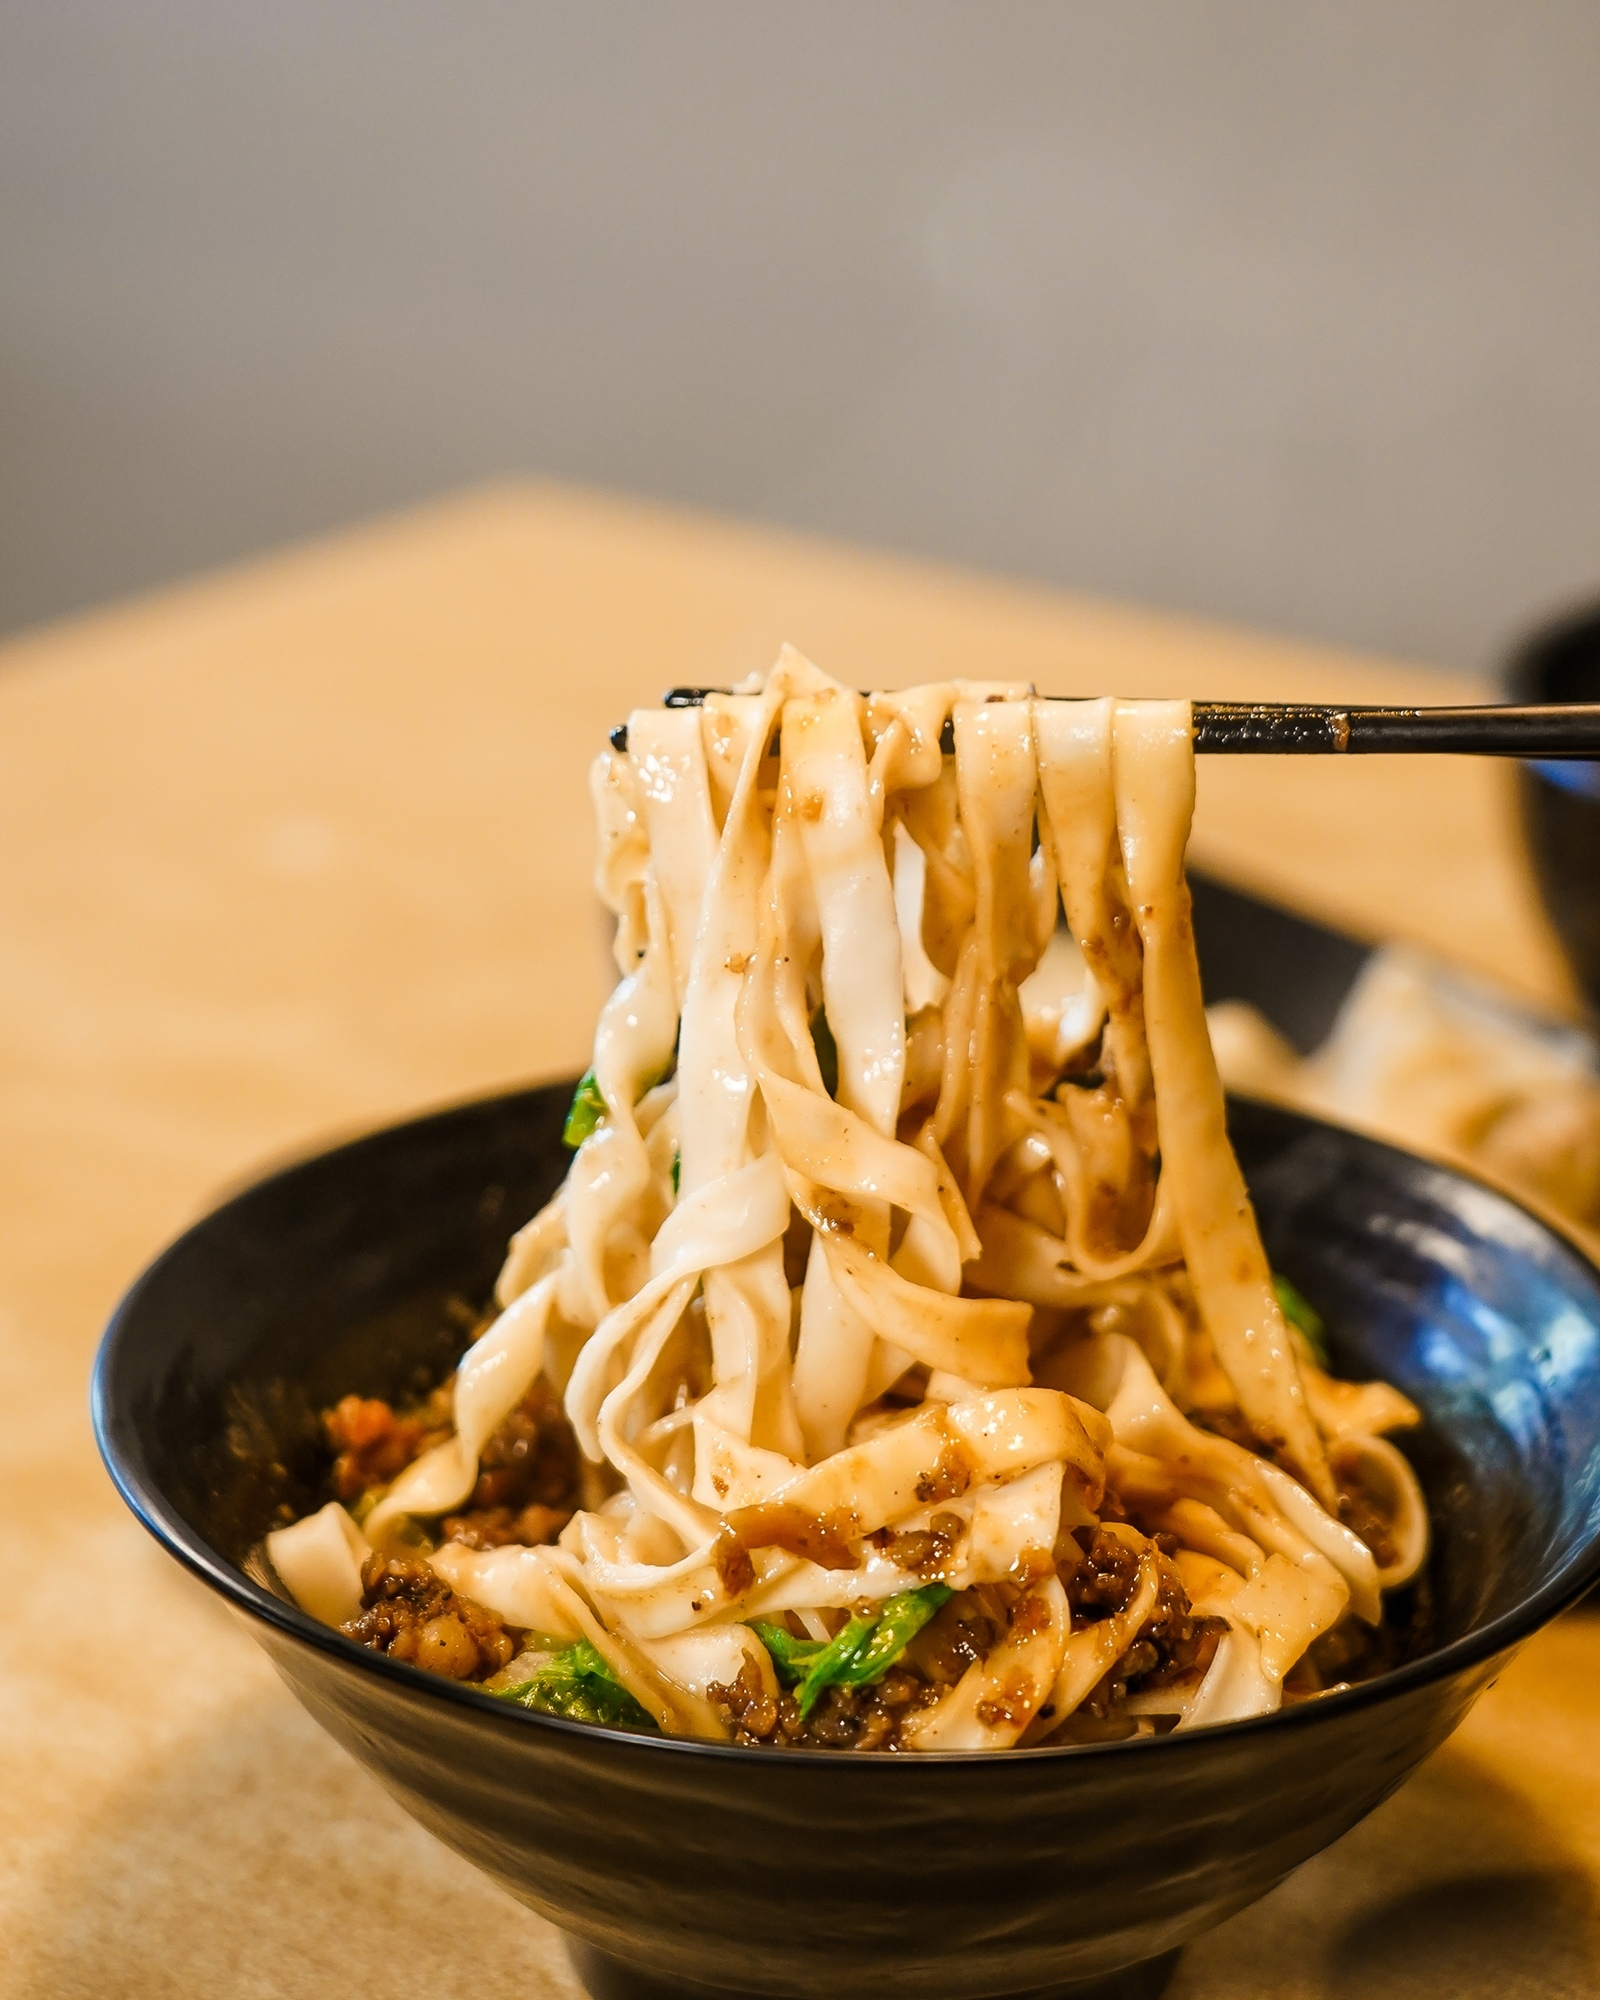 台南中西區美食 東城麵家 結合hiphop與街頭文化的潮流麵店24.jpg